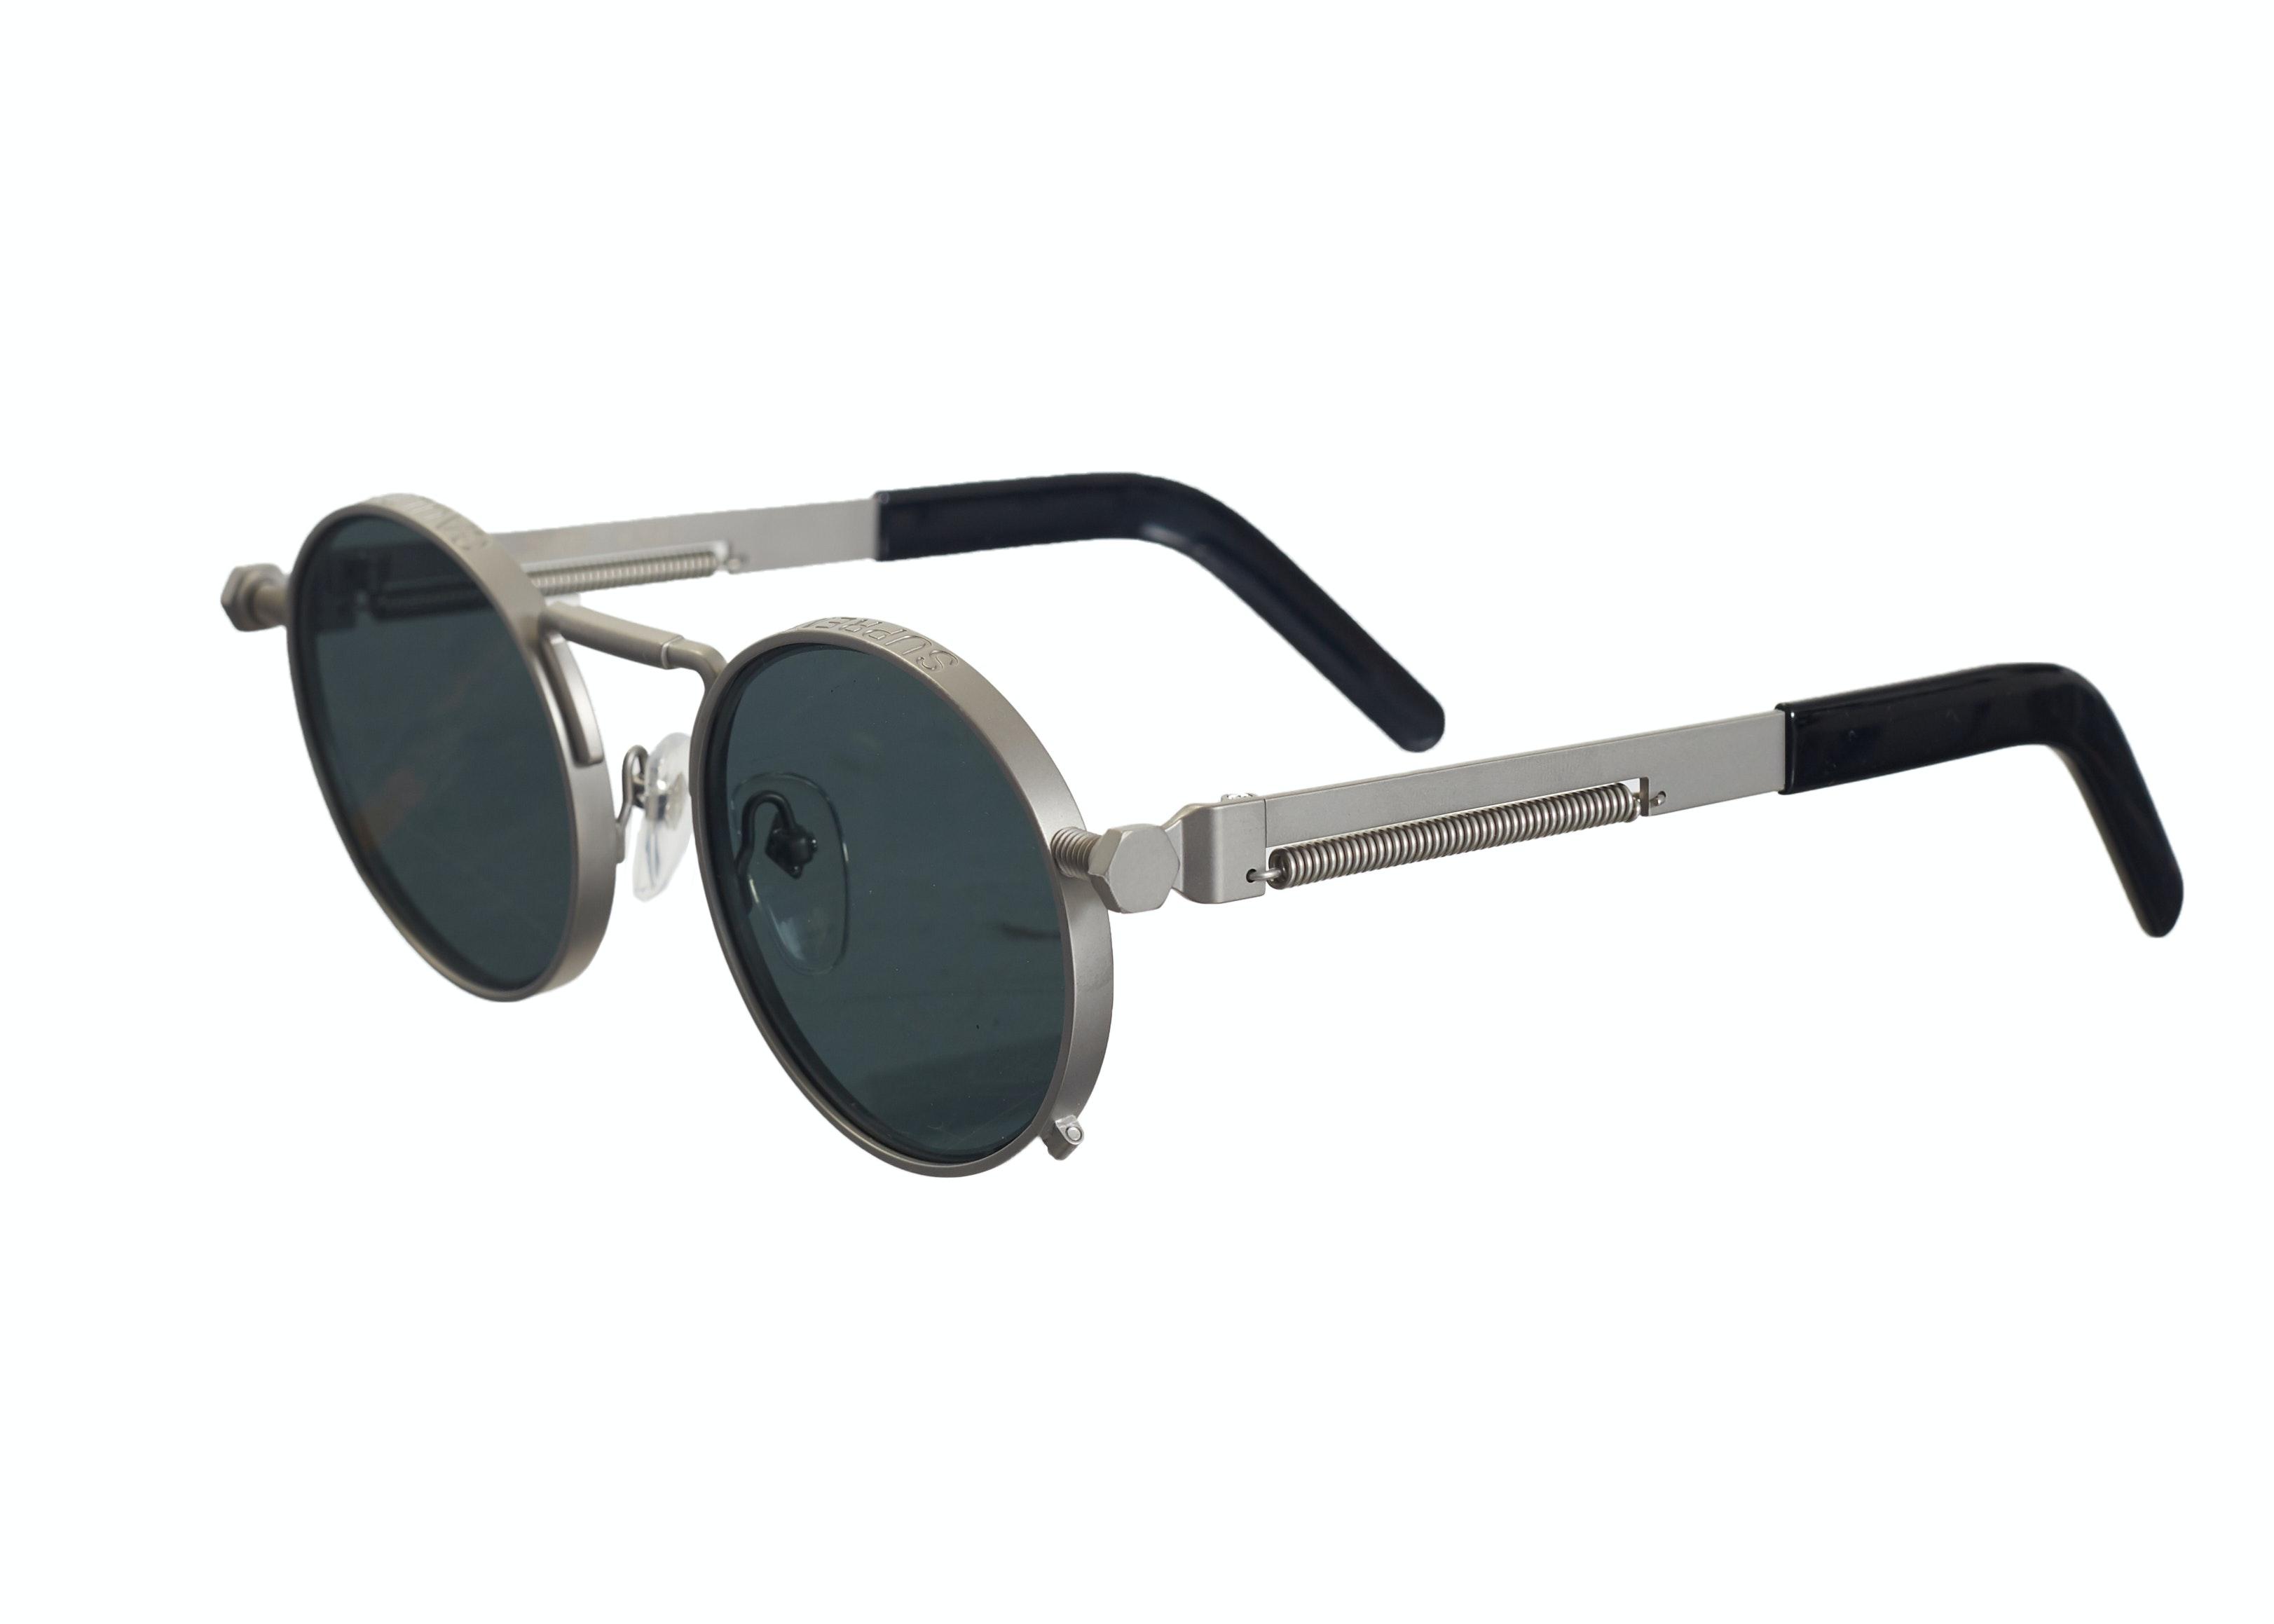 Supreme Jean Paul Gaultier Sunglasses Silver